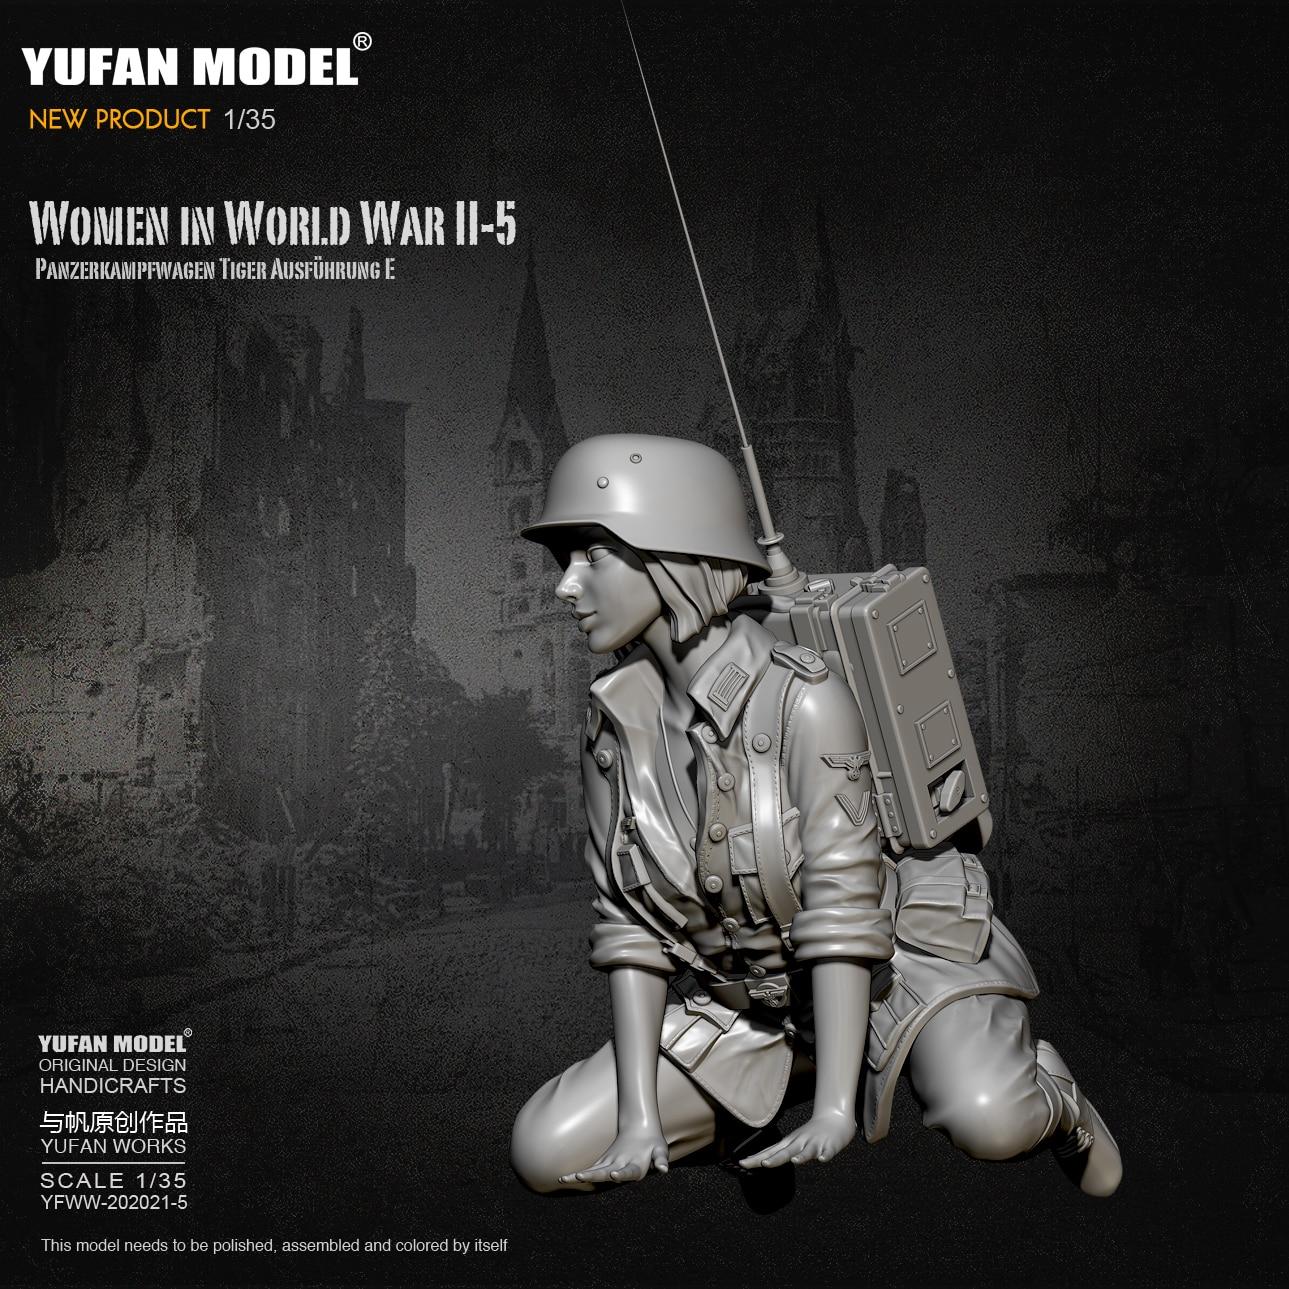 1/35 Resin Figure Kits German Female Tank Soldier Model Self-assembled YFWW-2065-5